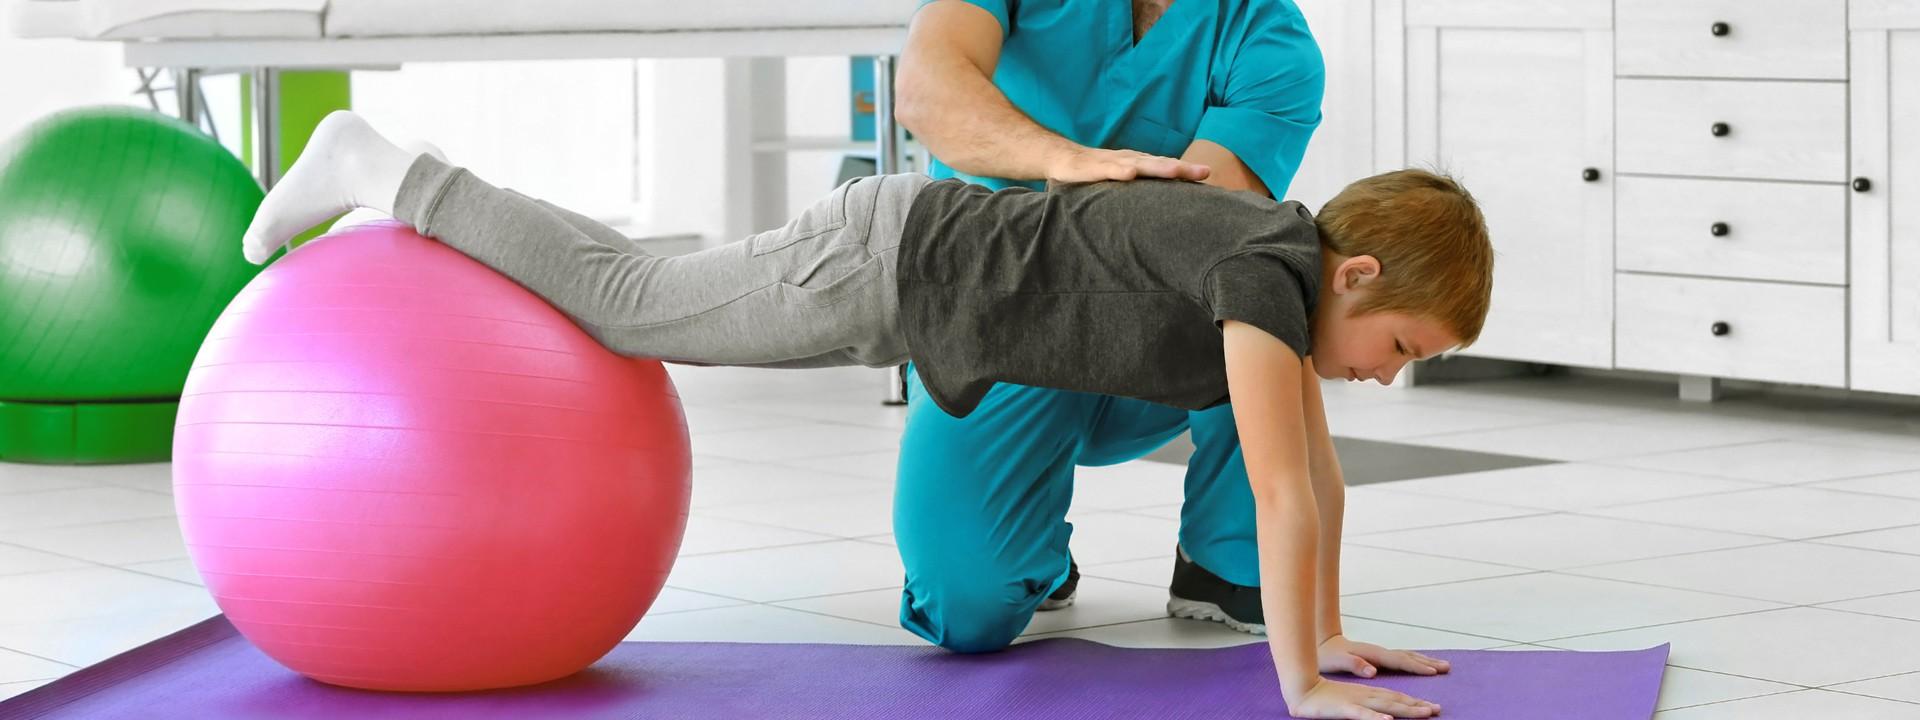 Ein Junge turnt mit einem rosa Gymnastikball und wird von einem Therapeuten unterstützt.